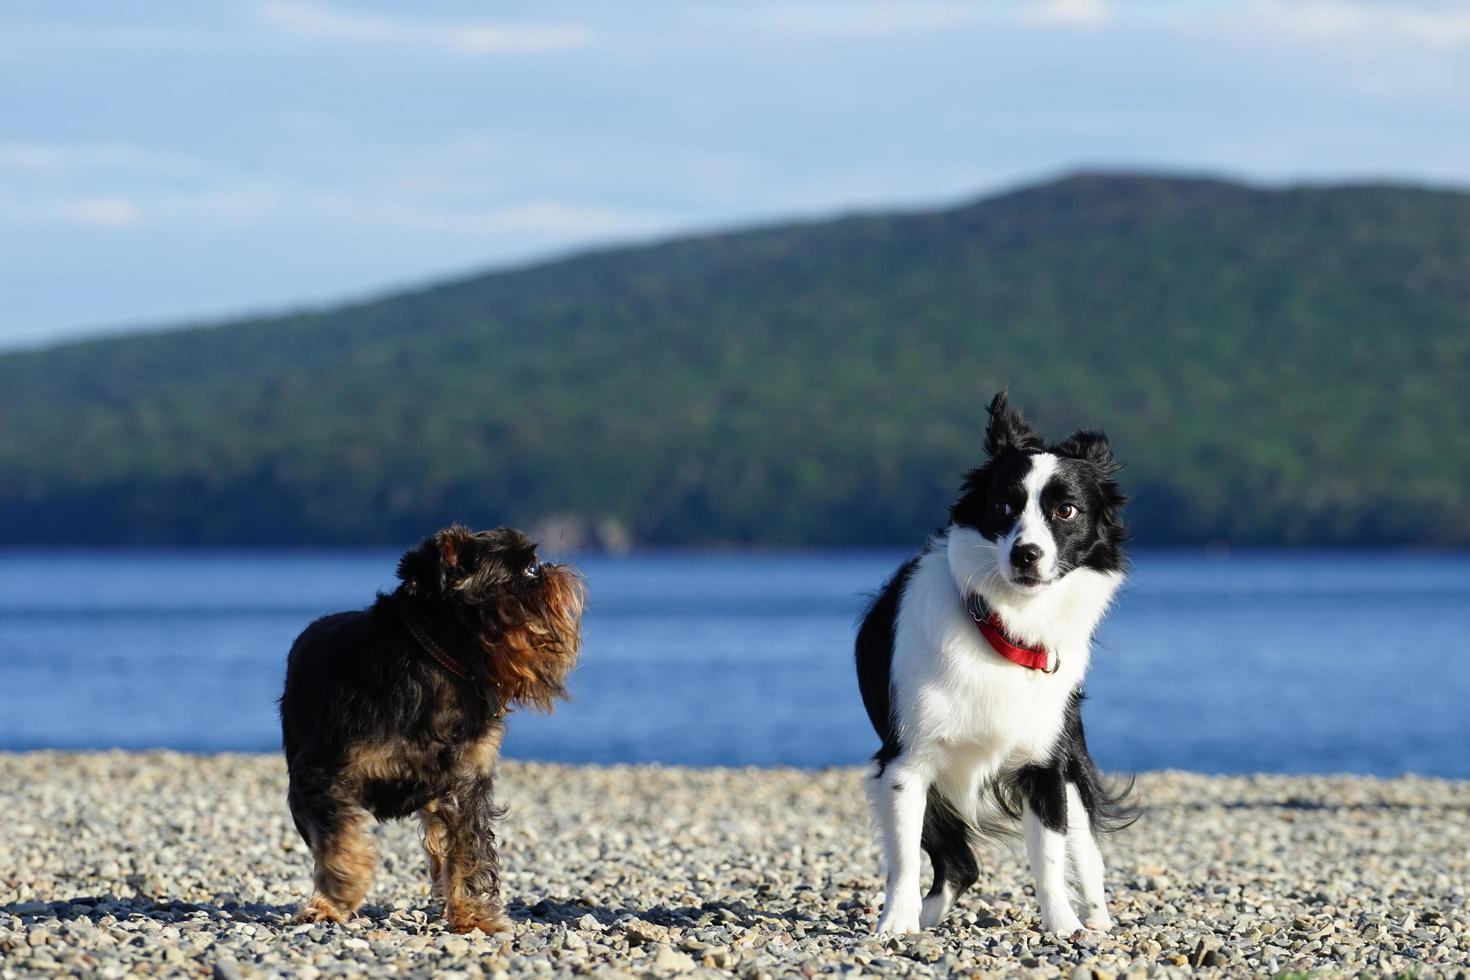 paysage marin et chiens sur la plage photo